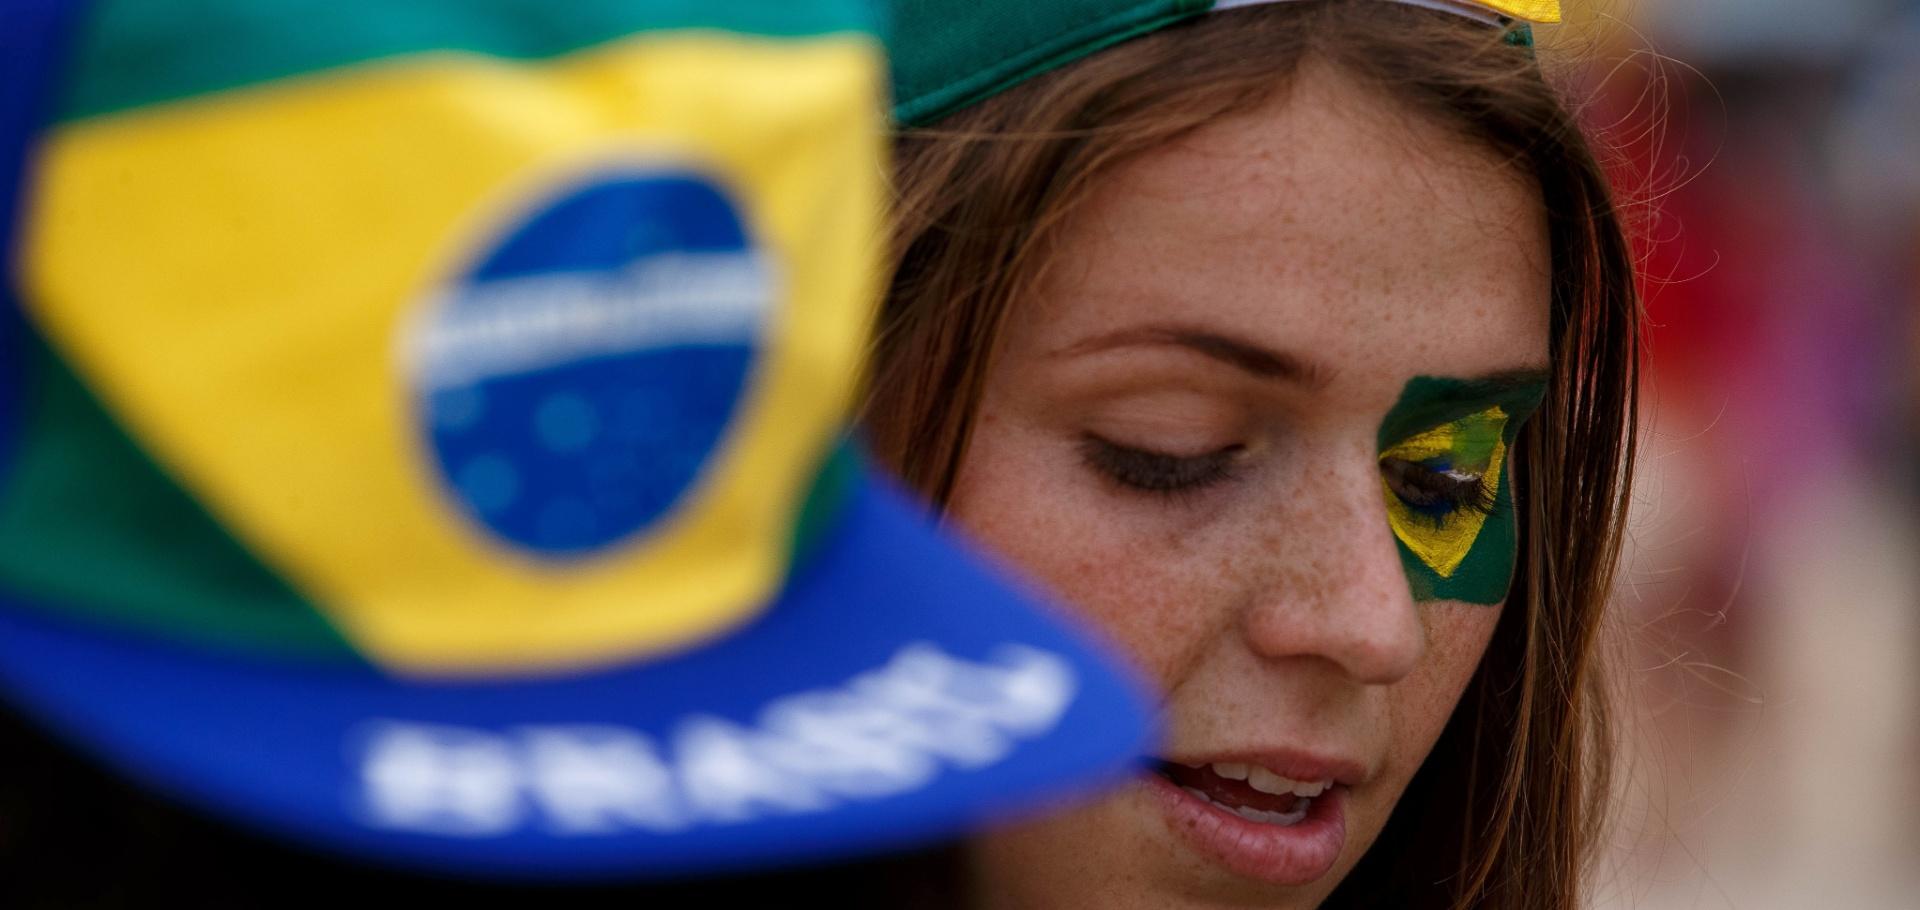 12.jun.2014 - Torcedora marca presença no Itaquerão para Brasil x Croácia, na abertura da Copa do Mundo, com direito a bandeira pintada em torno do olho